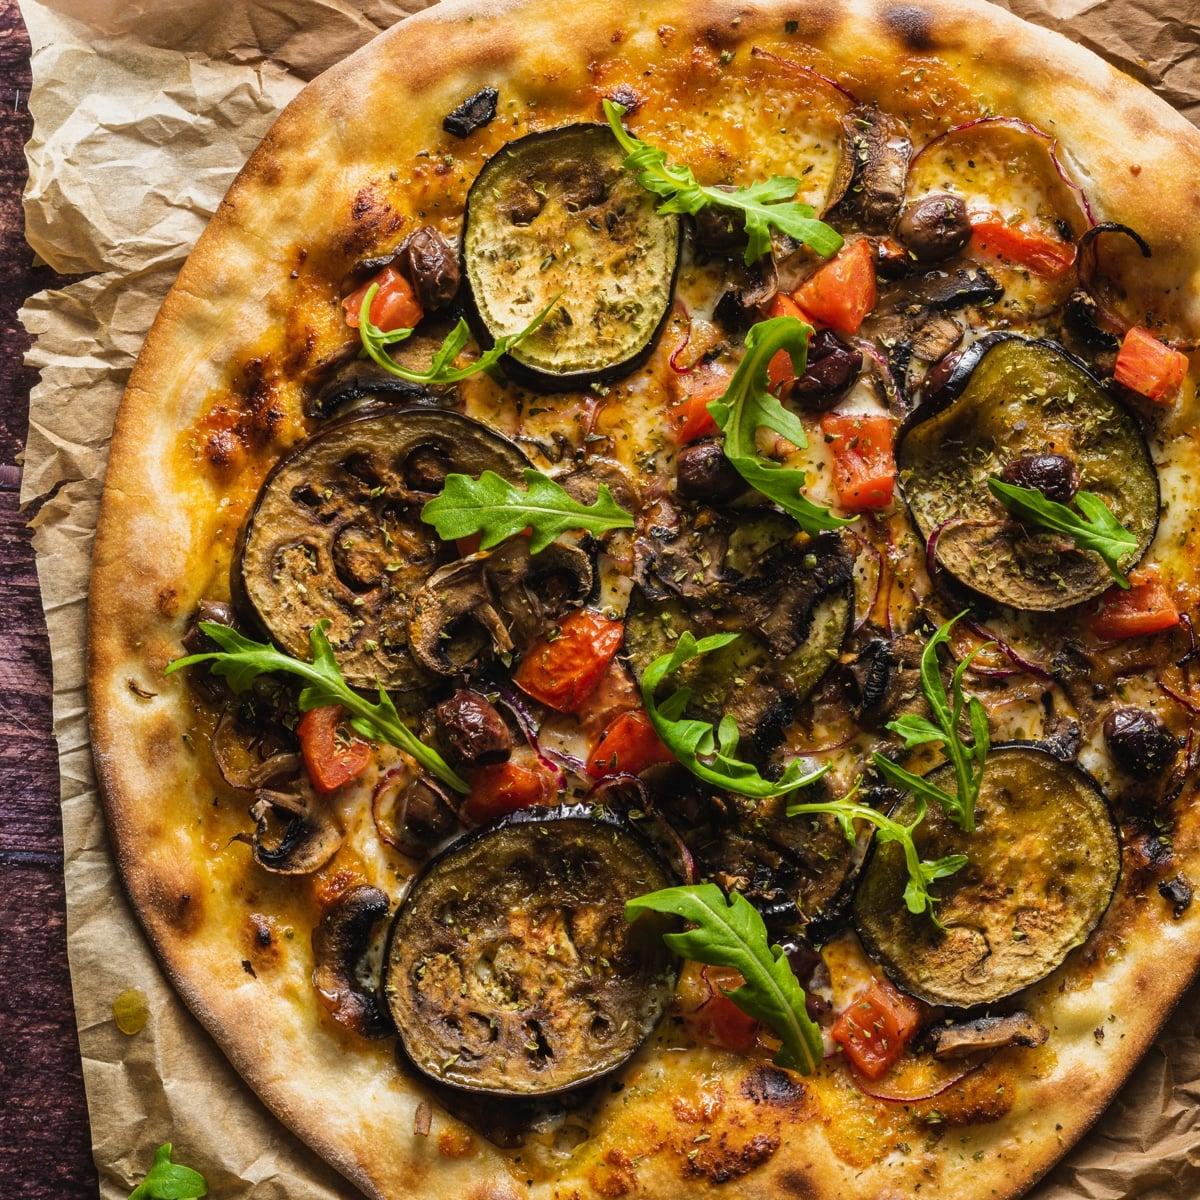 pizza verdurs - Entre nuestras pizzas también han llegado novedades